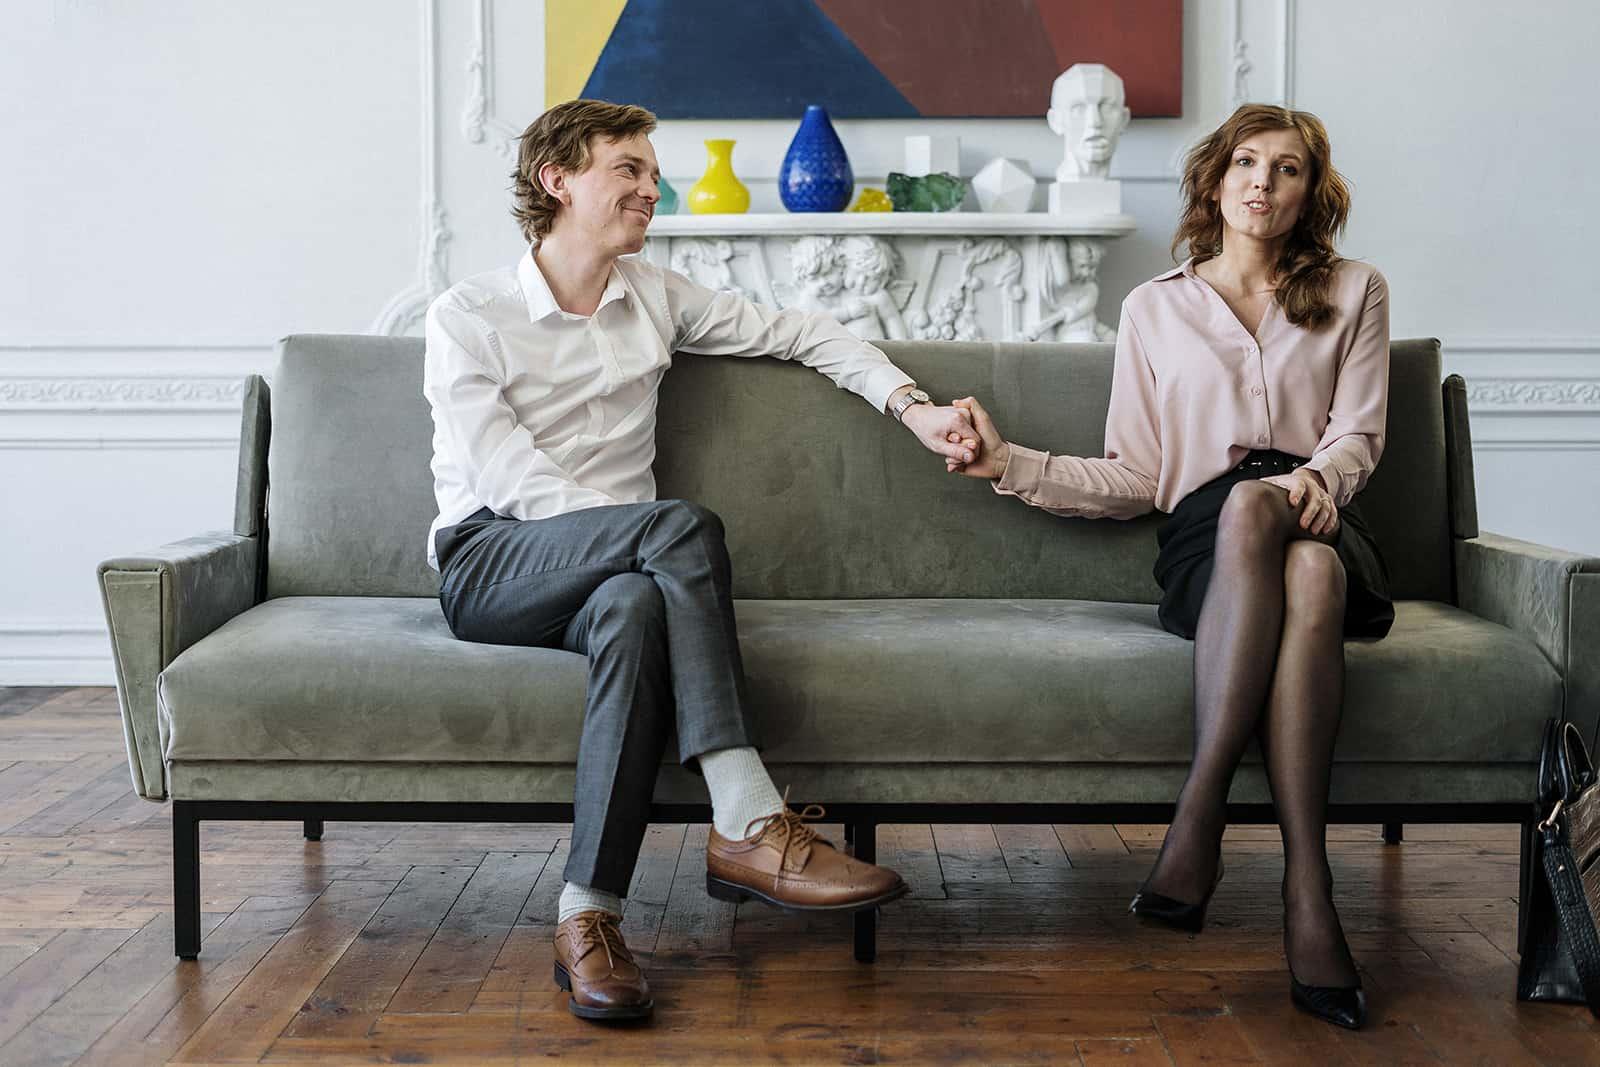 ein liebendes Paar, das Hände hält, die auf der Couch sitzen